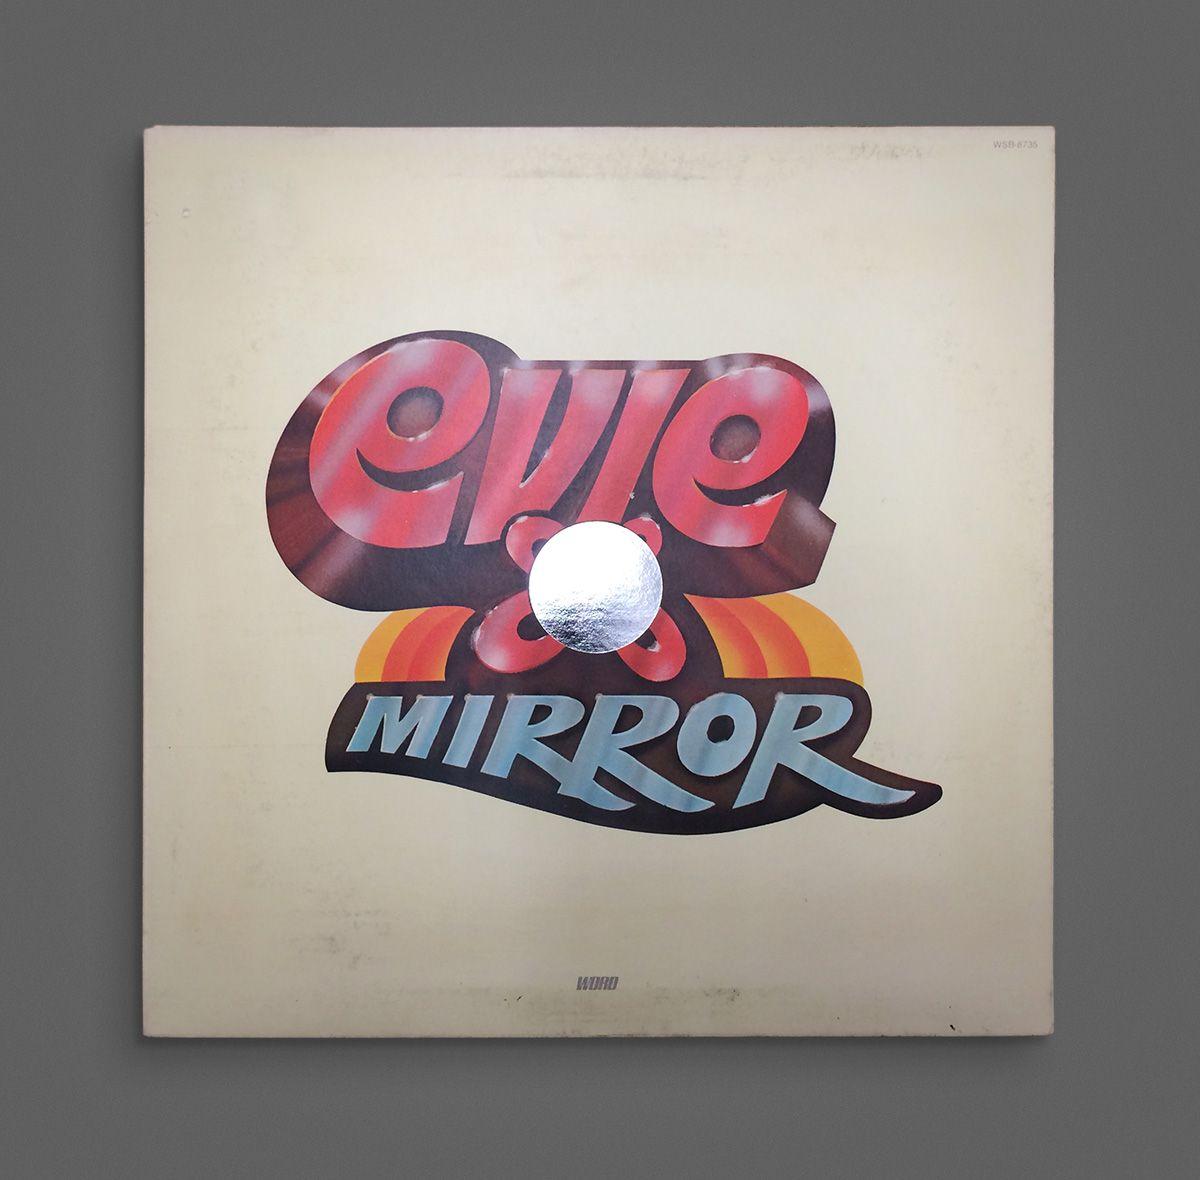 Typophonic Album Cover Typography Part 2